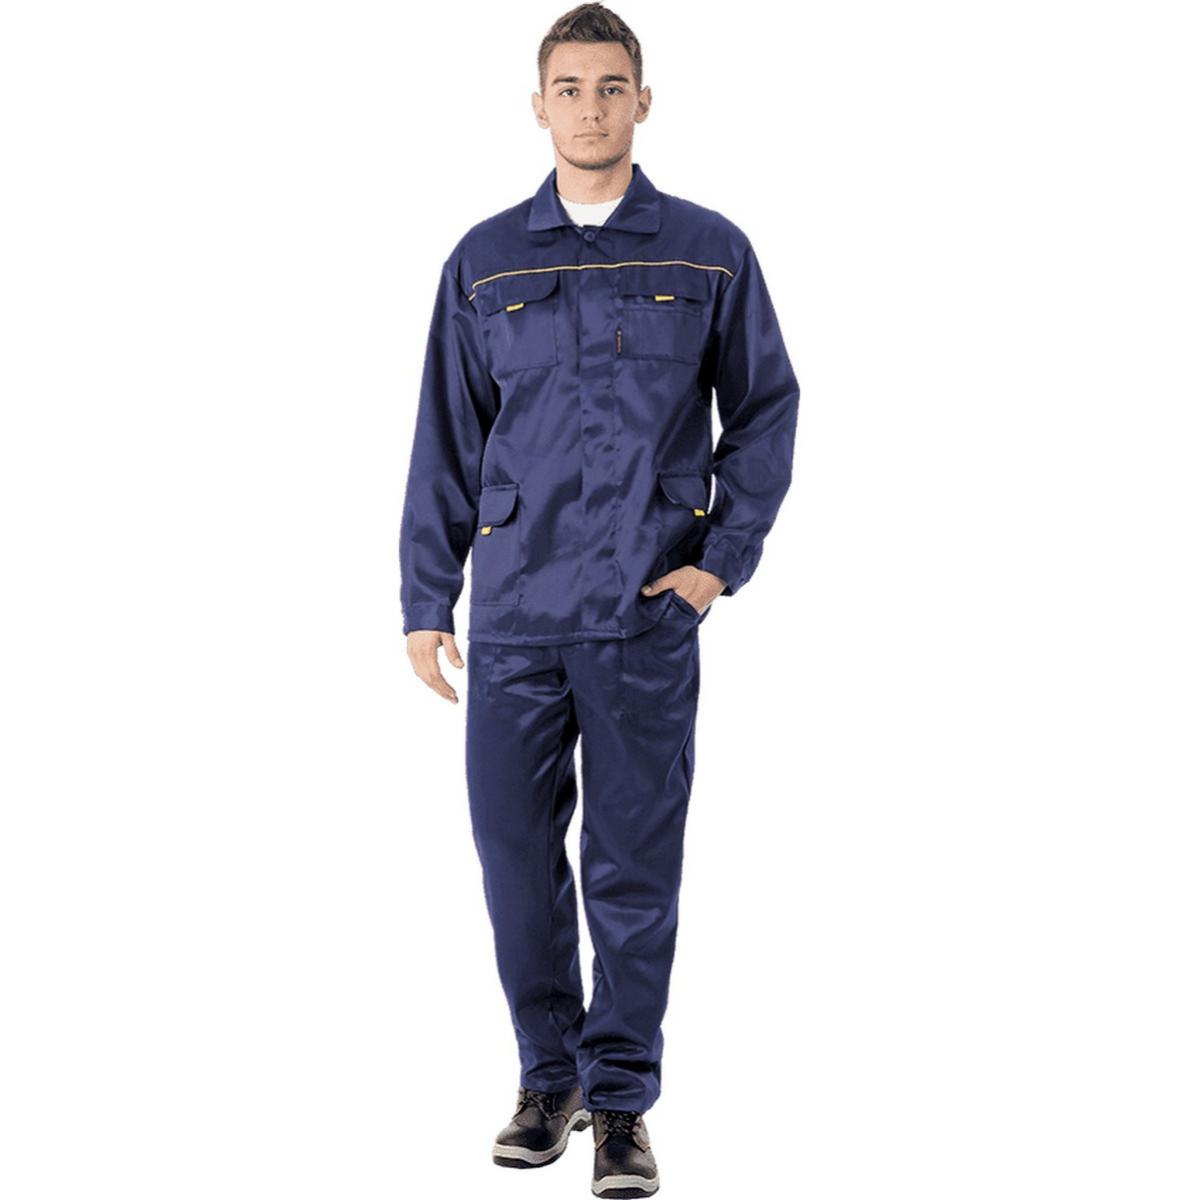 Костюм ВЫМПЕЛ-1 т/синий (куртка+брюки)  (разм. 120-124 рост 182-188)